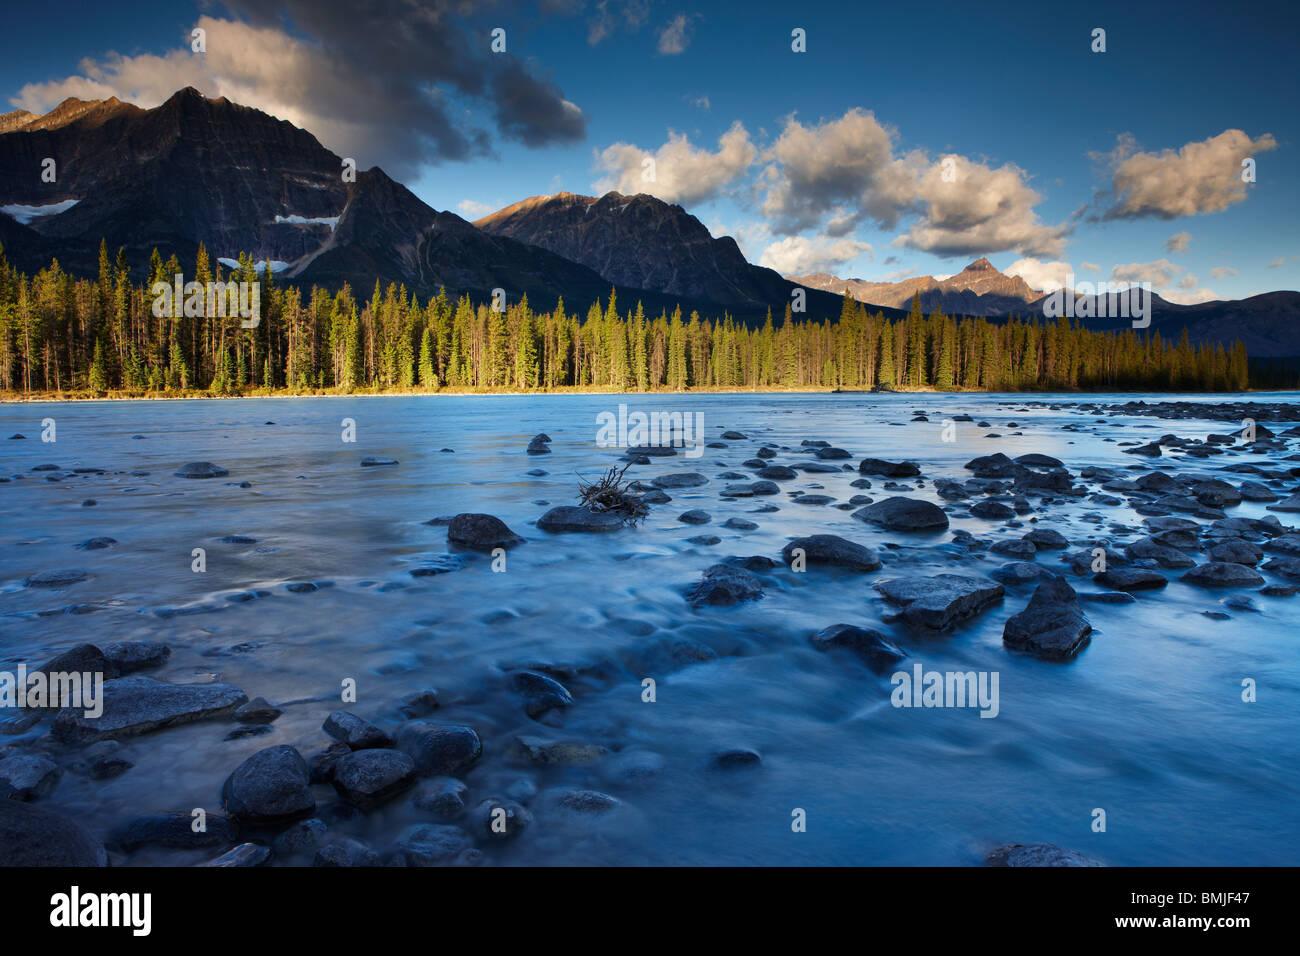 El Río Athabasca con Mt Fryatt & Mt Edith Cavell, el Parque Nacional de Jasper, Alberta, Canadá Imagen De Stock